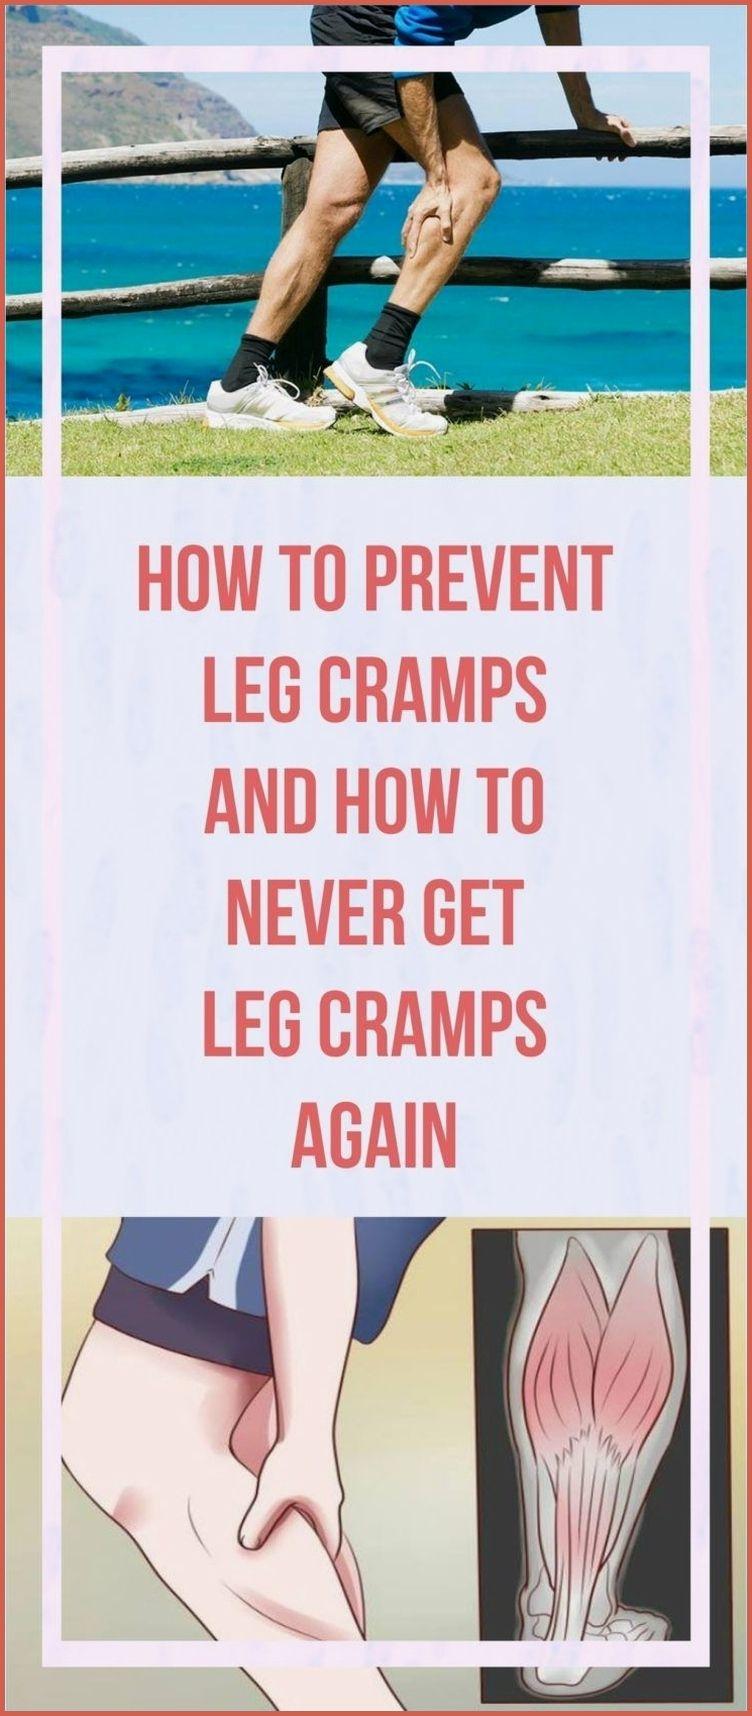 6e98153f10ac440229f882524cac3e47 - How To Get Rid Of A Leg That Fell Asleep